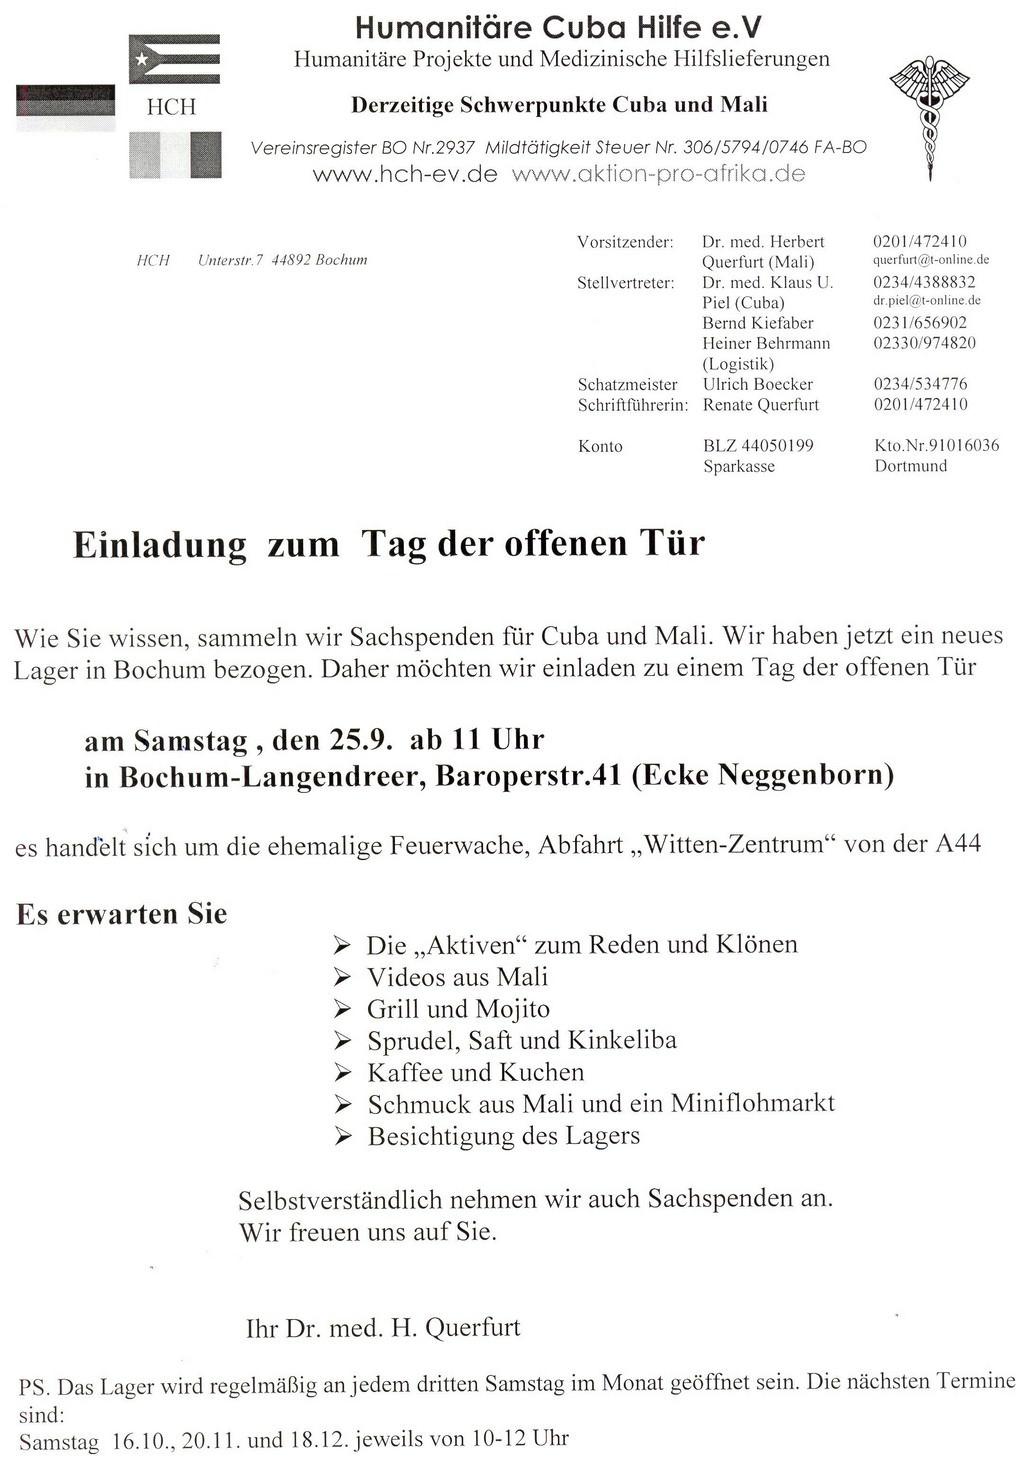 neue beiträge 2011, Einladung